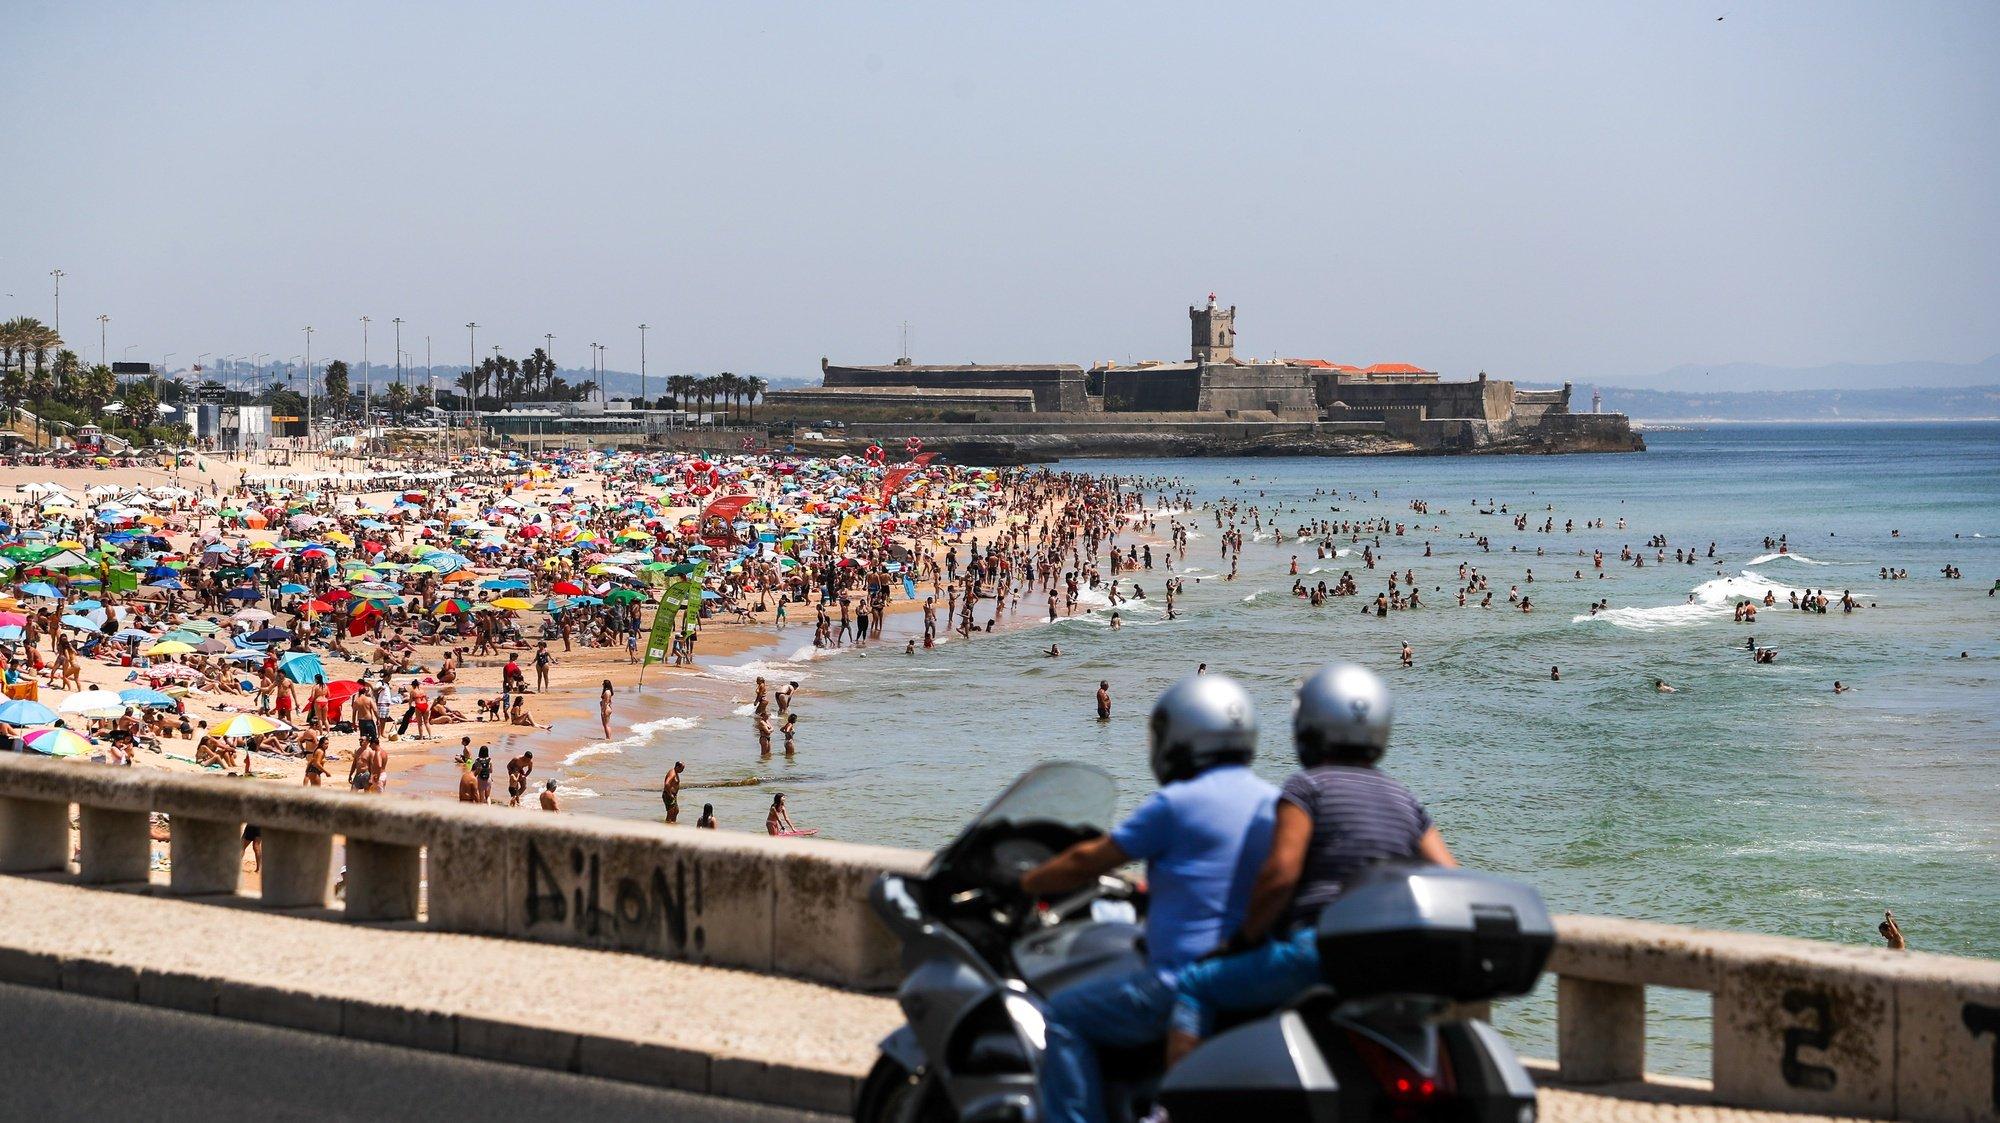 Populares frequentam a praia de Carcavelos, em Cascais, 10 de junho de 2021. Devido às altas temperaturas, a afluência foi muito alta nas praias da Linha do Estoril. JOSE SENA GOULAO/LUSA